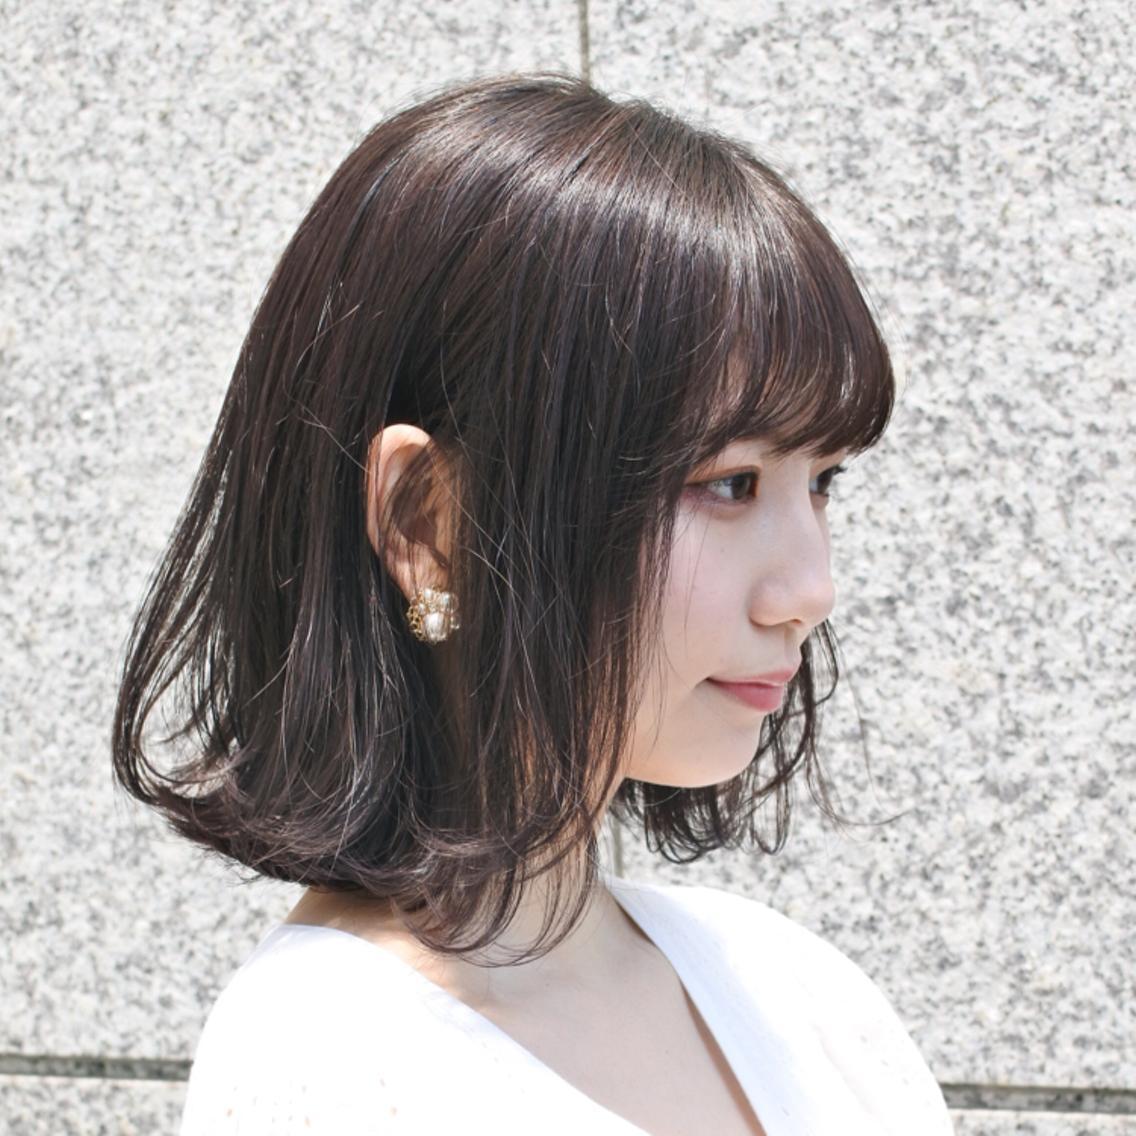 【神戸三宮】当日予約OK!少人数のプライベートサロン♪キレイなツヤのある髪の毛に☆